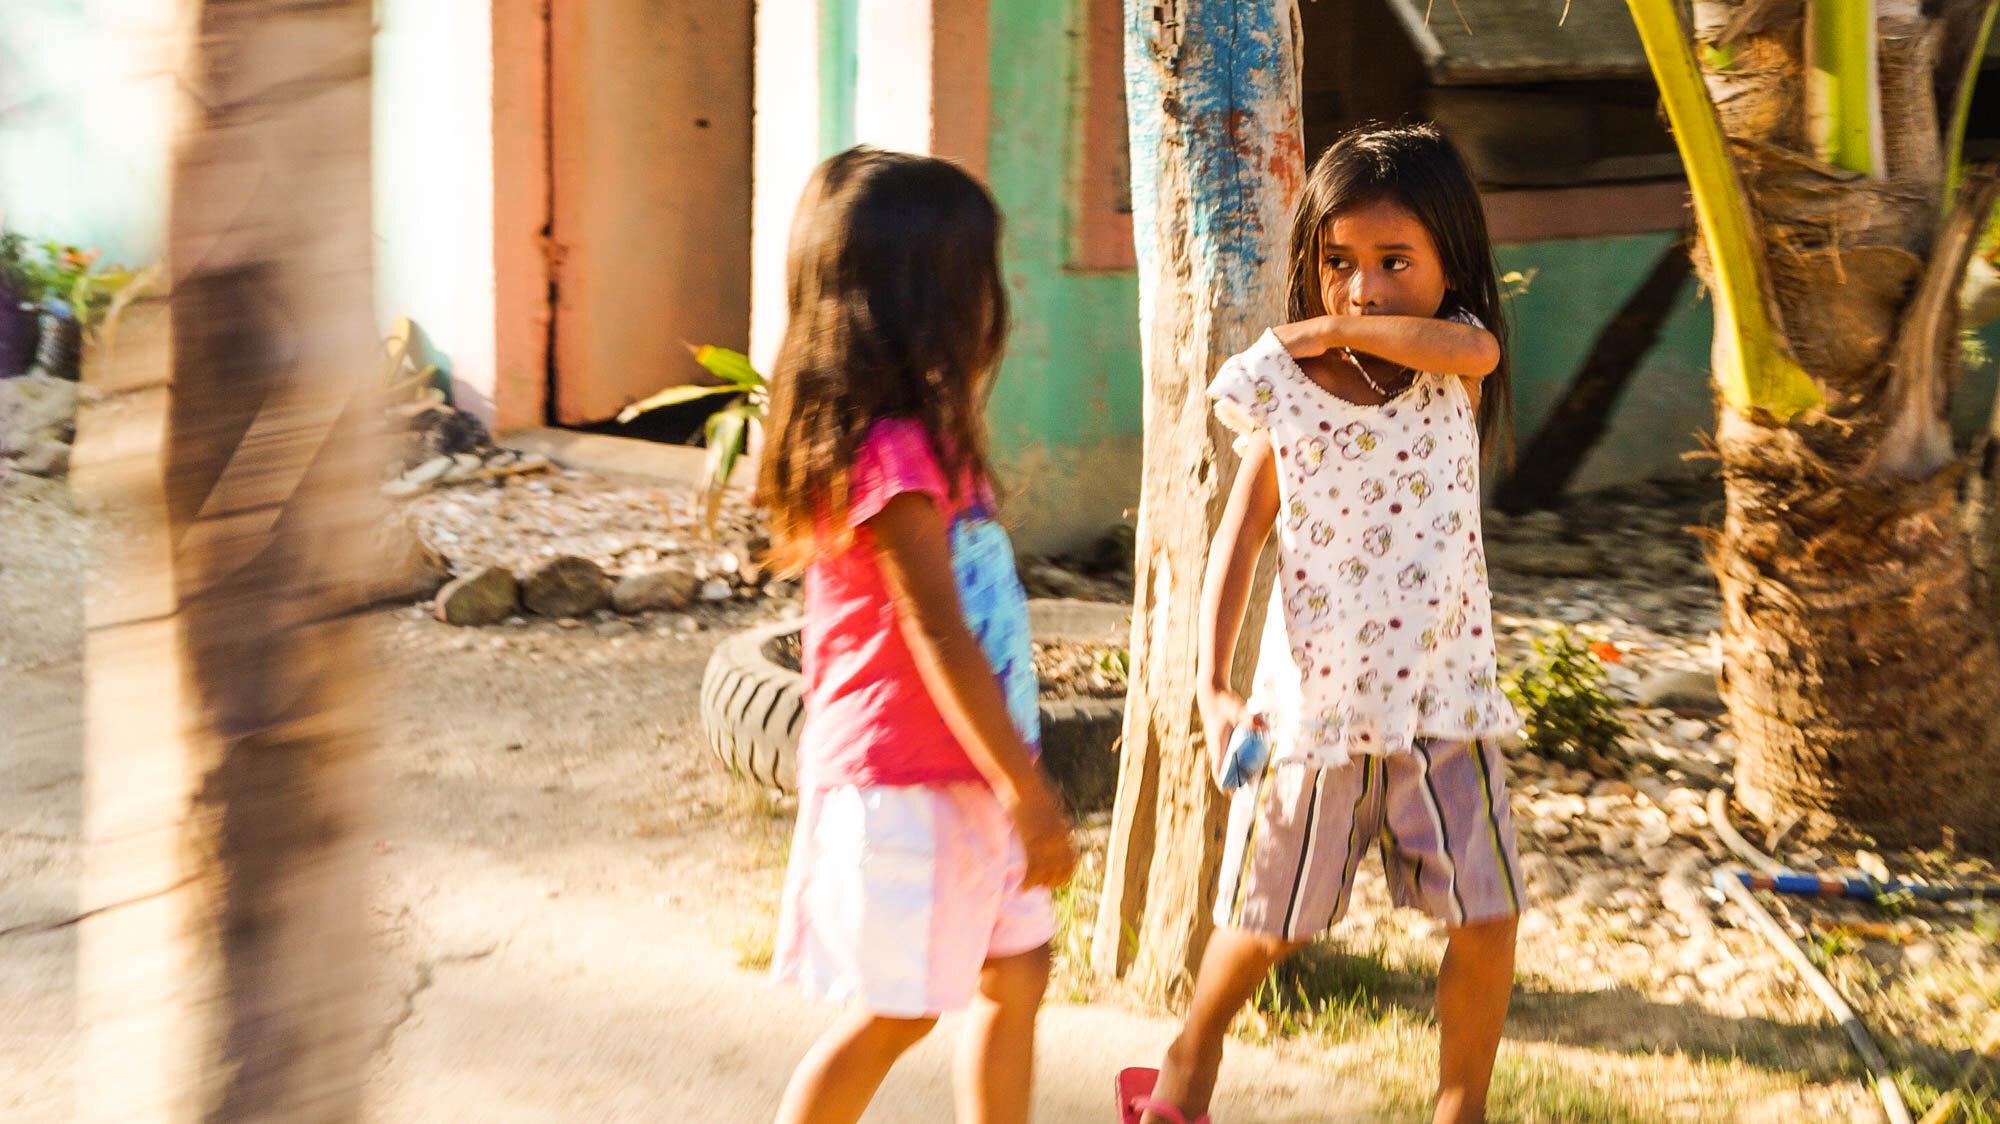 菲律宾维萨亚斯的巨人岛,两个穿着人字拖的菲律宾女孩